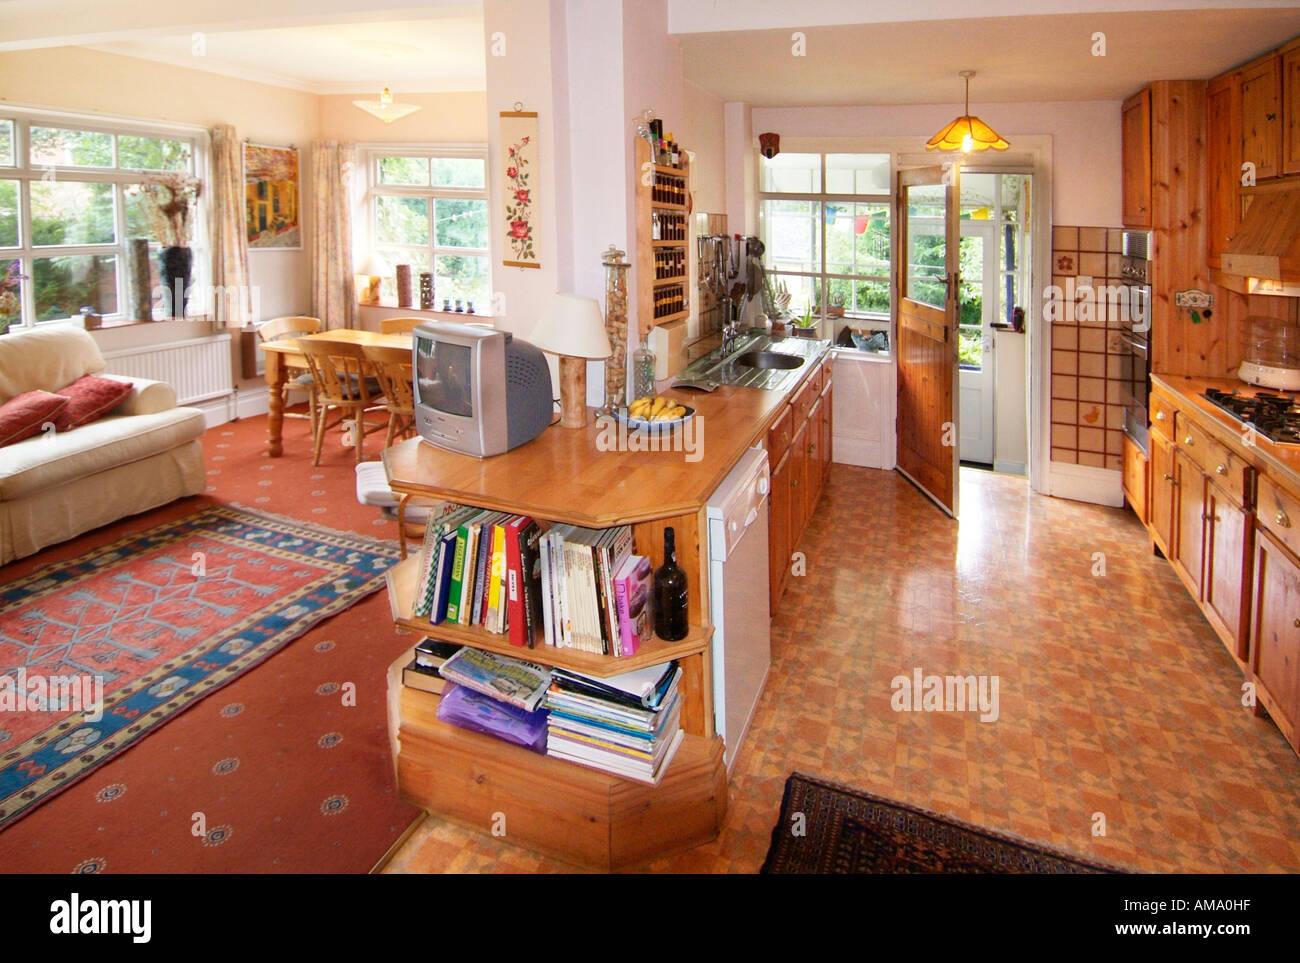 Livre Architecture D Intérieur pays cuisine salon salle à manger canapé dîner plat de